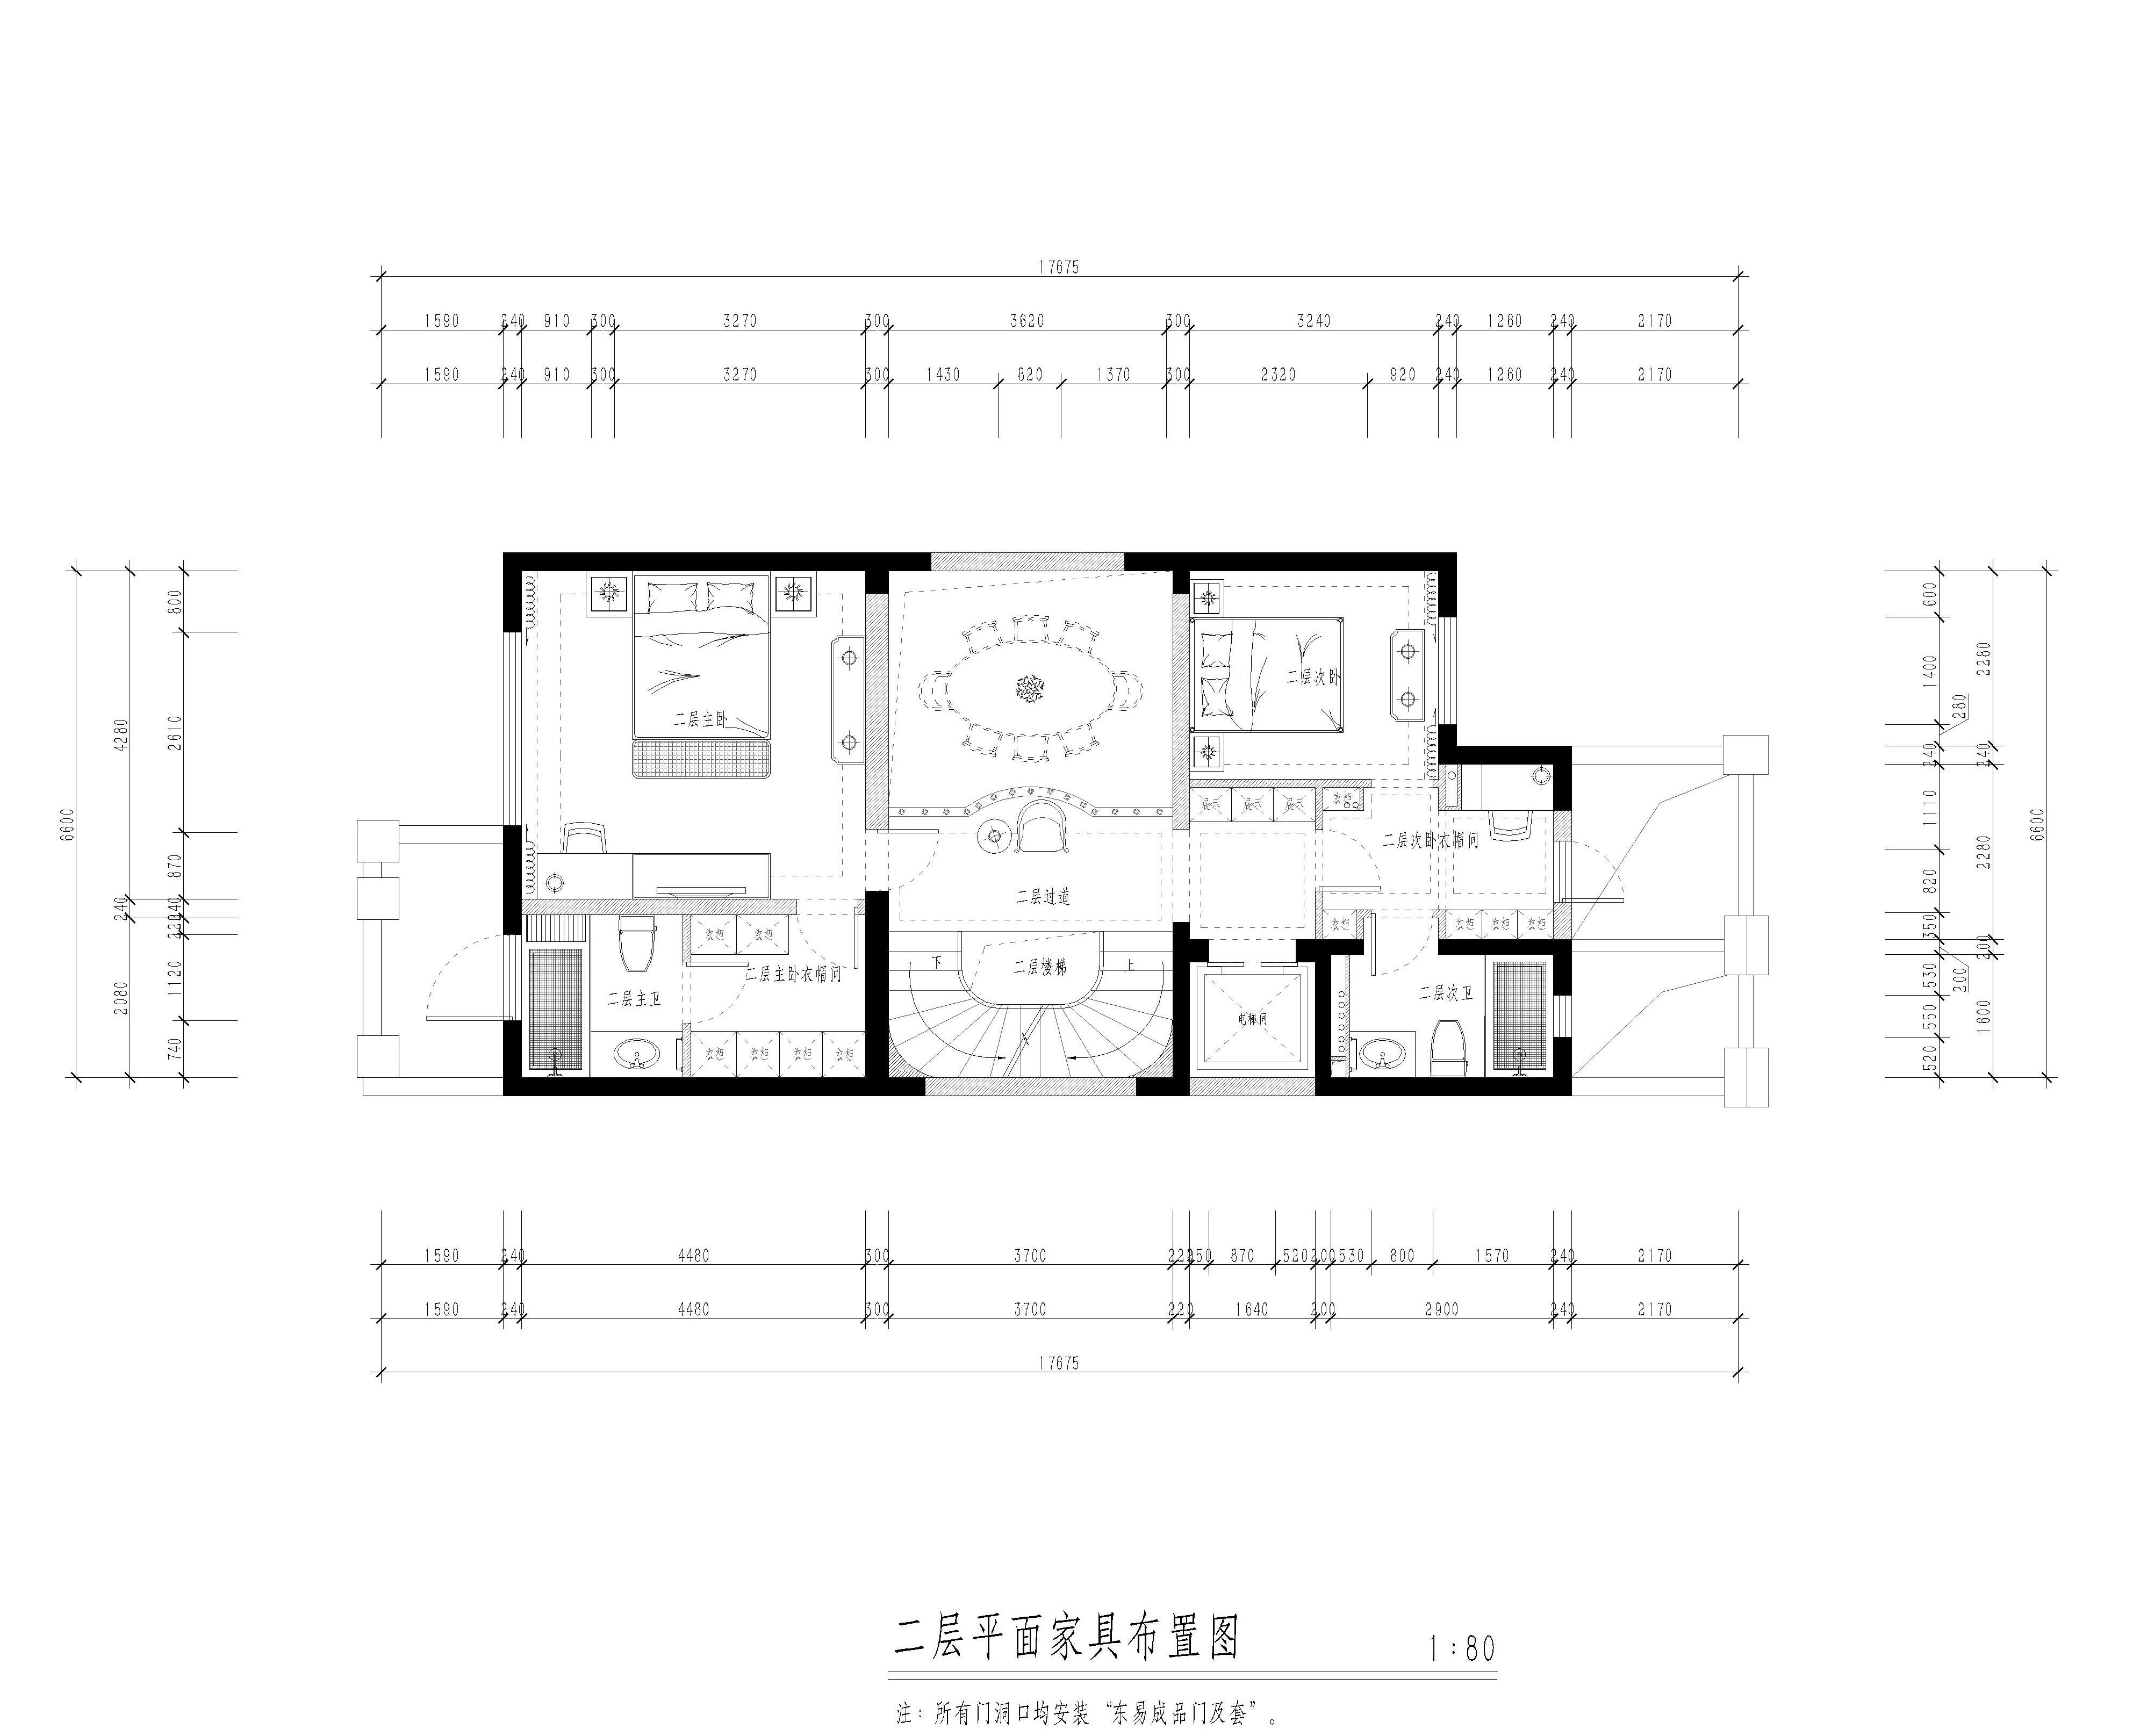 泷悦长安 430平米  简欧装修设计理念